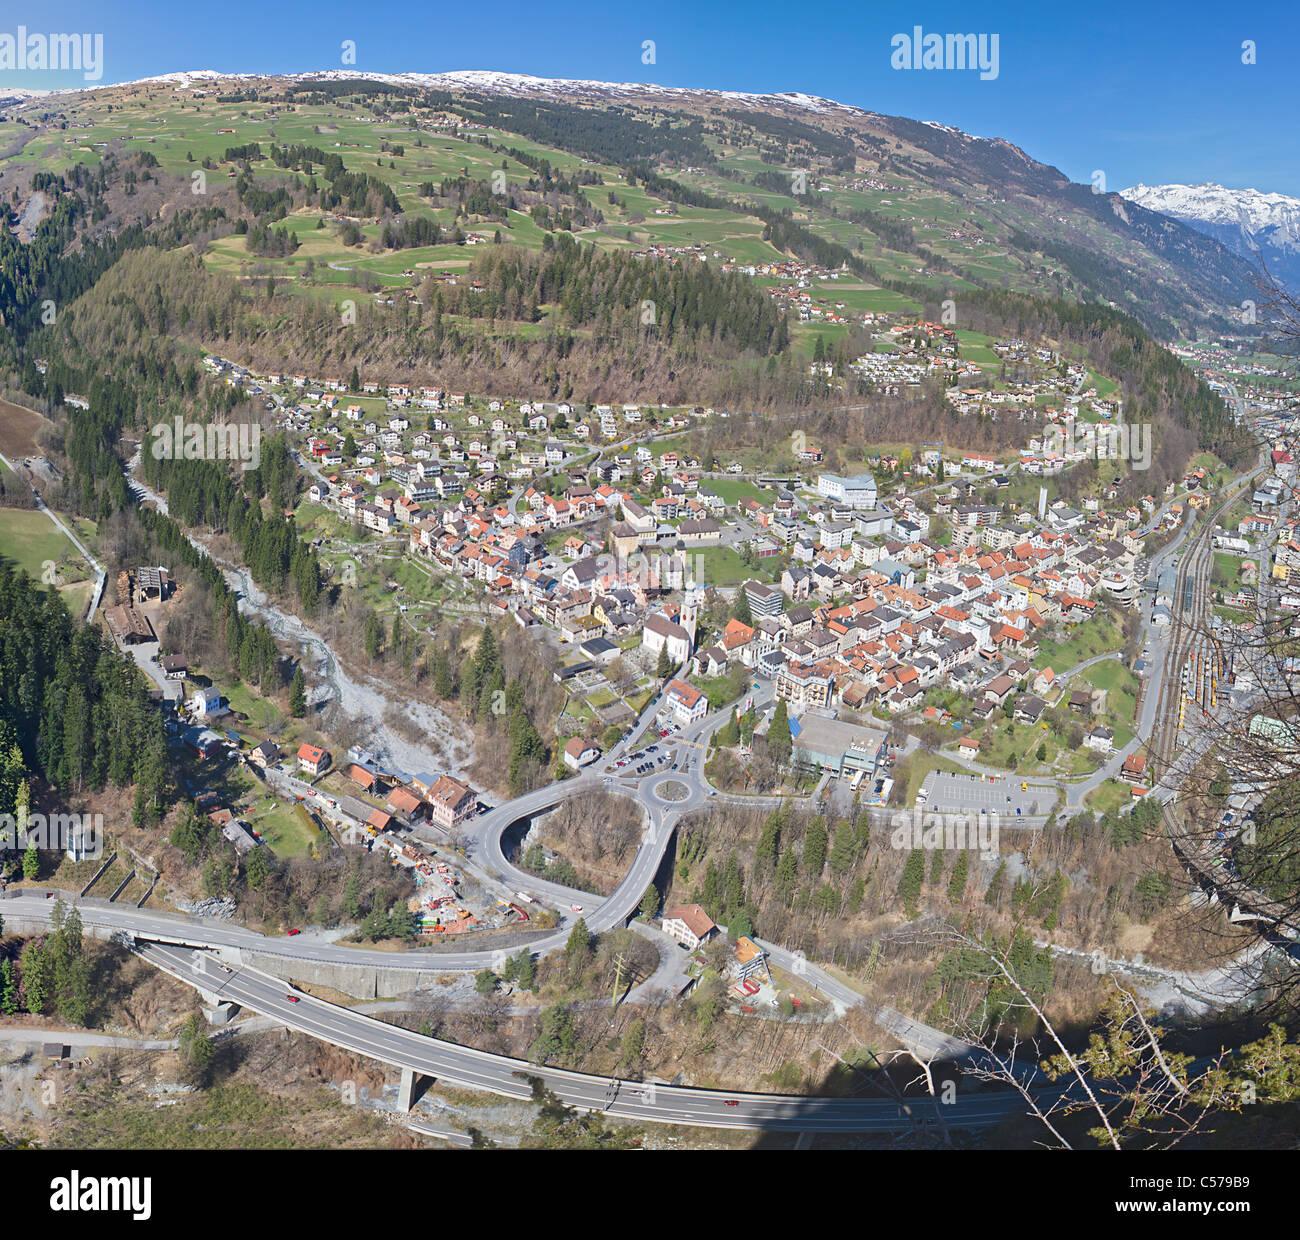 Frühling Alpenpanorama der kleine Bergstadt im Tal in die große Straße und Schiene Infrastruktur, Stockbild